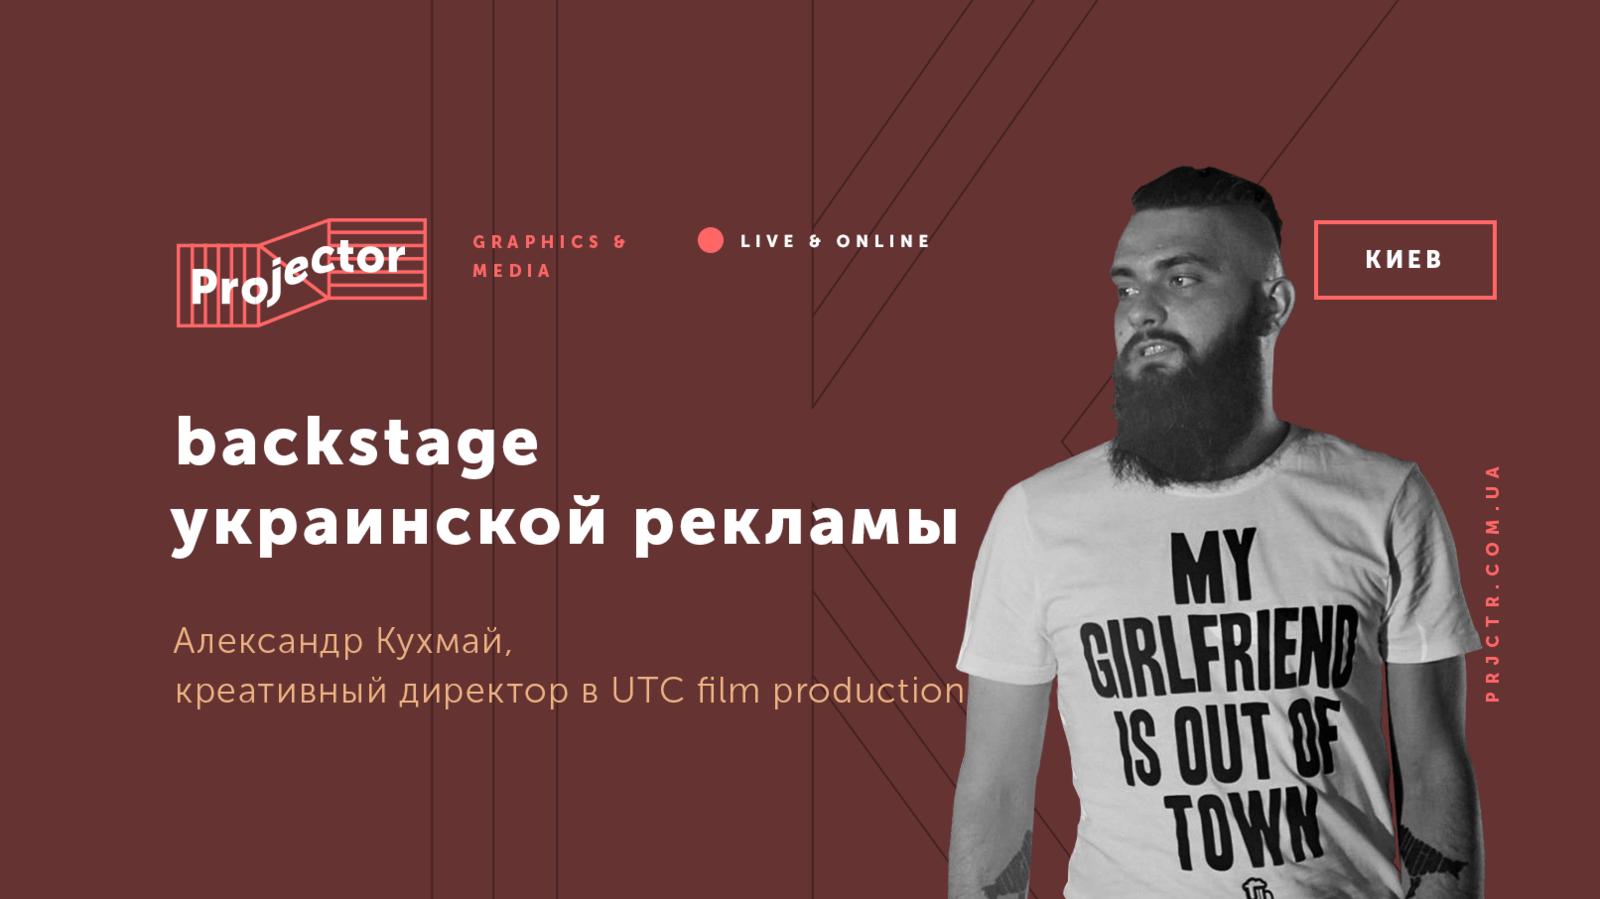 Backstage украинской рекламы